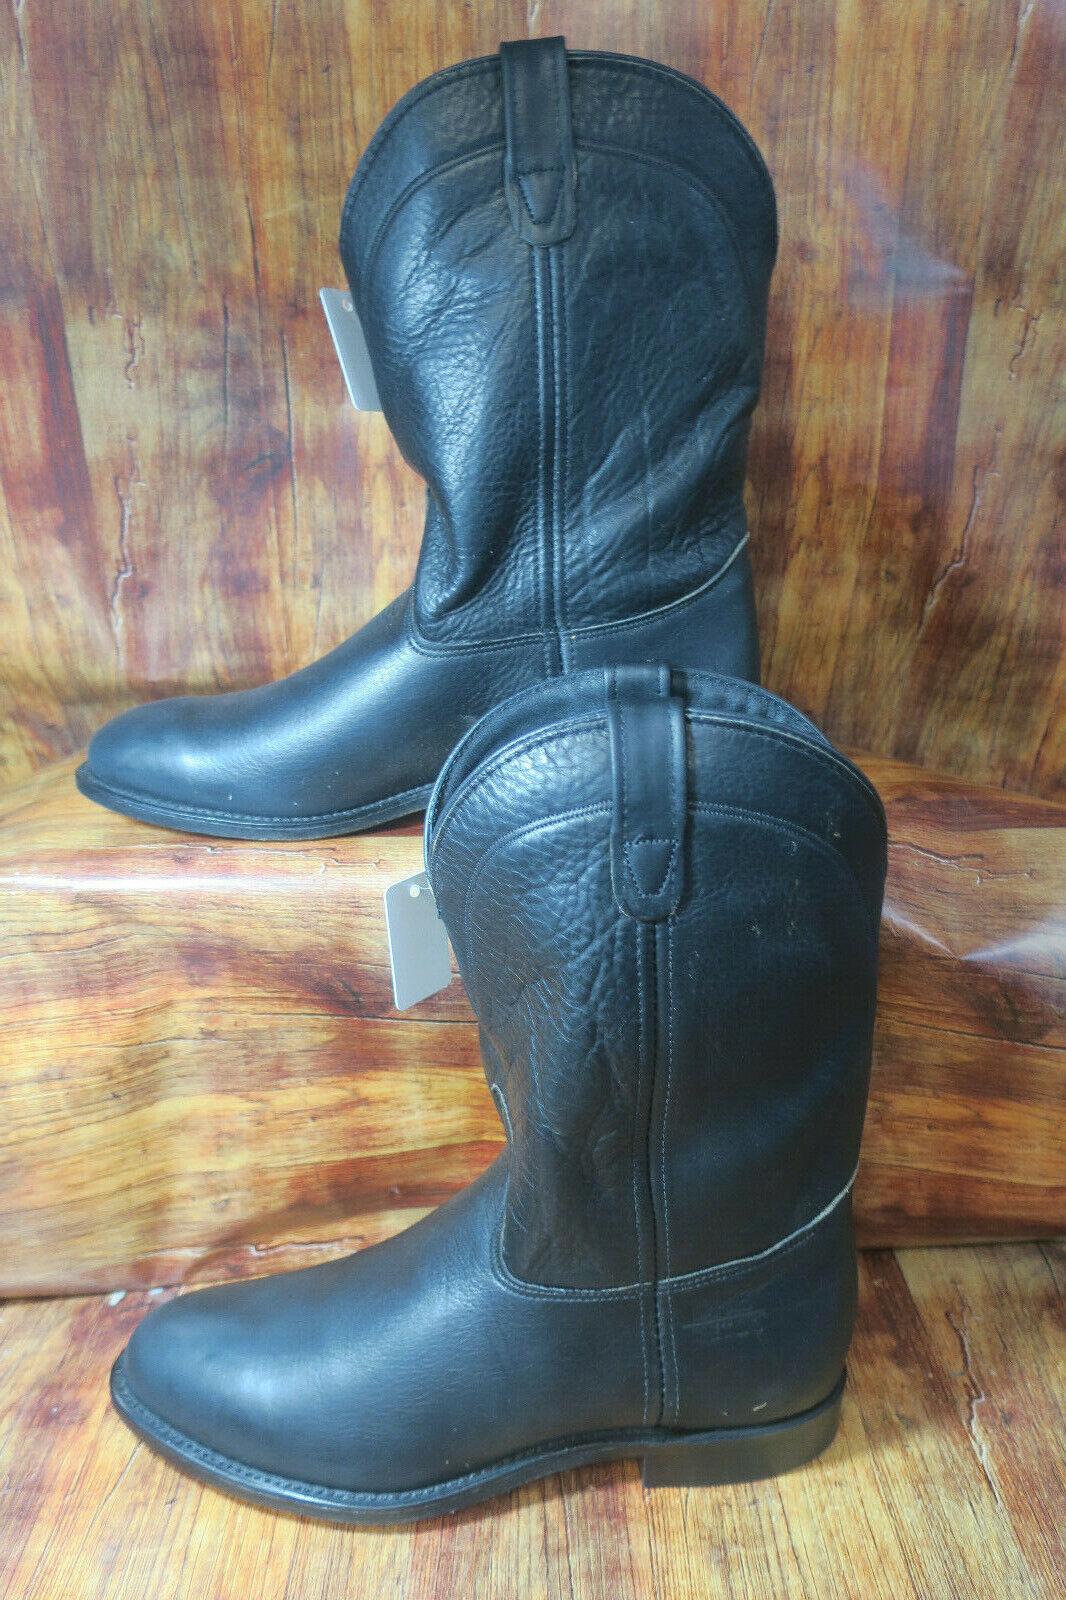 Double H Steel Toe Bottes de cow-boy Ropers Taille 8 2E Noir DH3550  1347